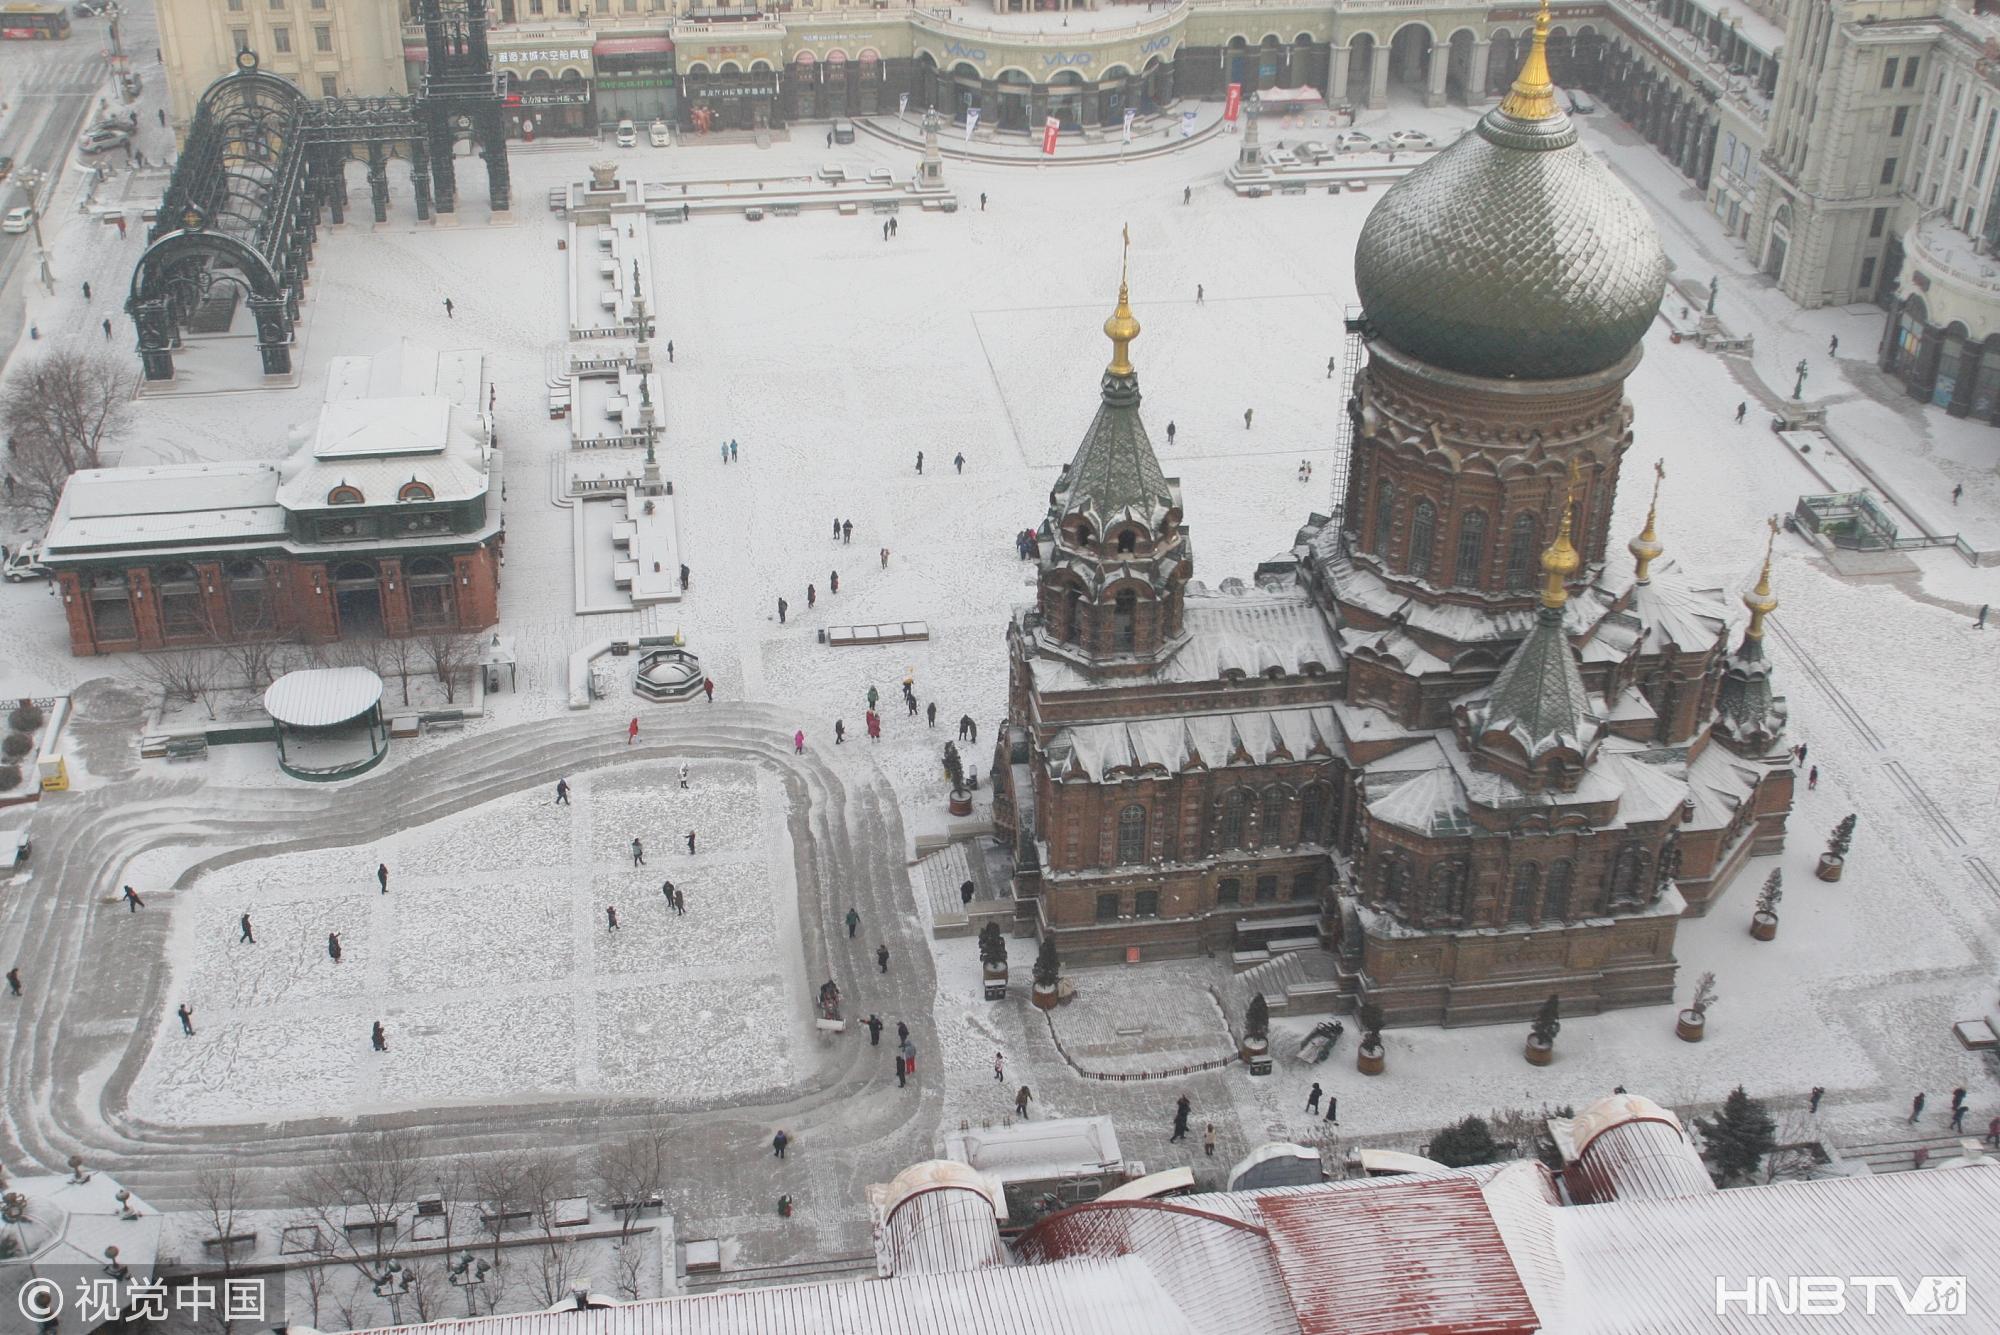 哈尔滨再迎降雪  整个城市银装素裹(组图)